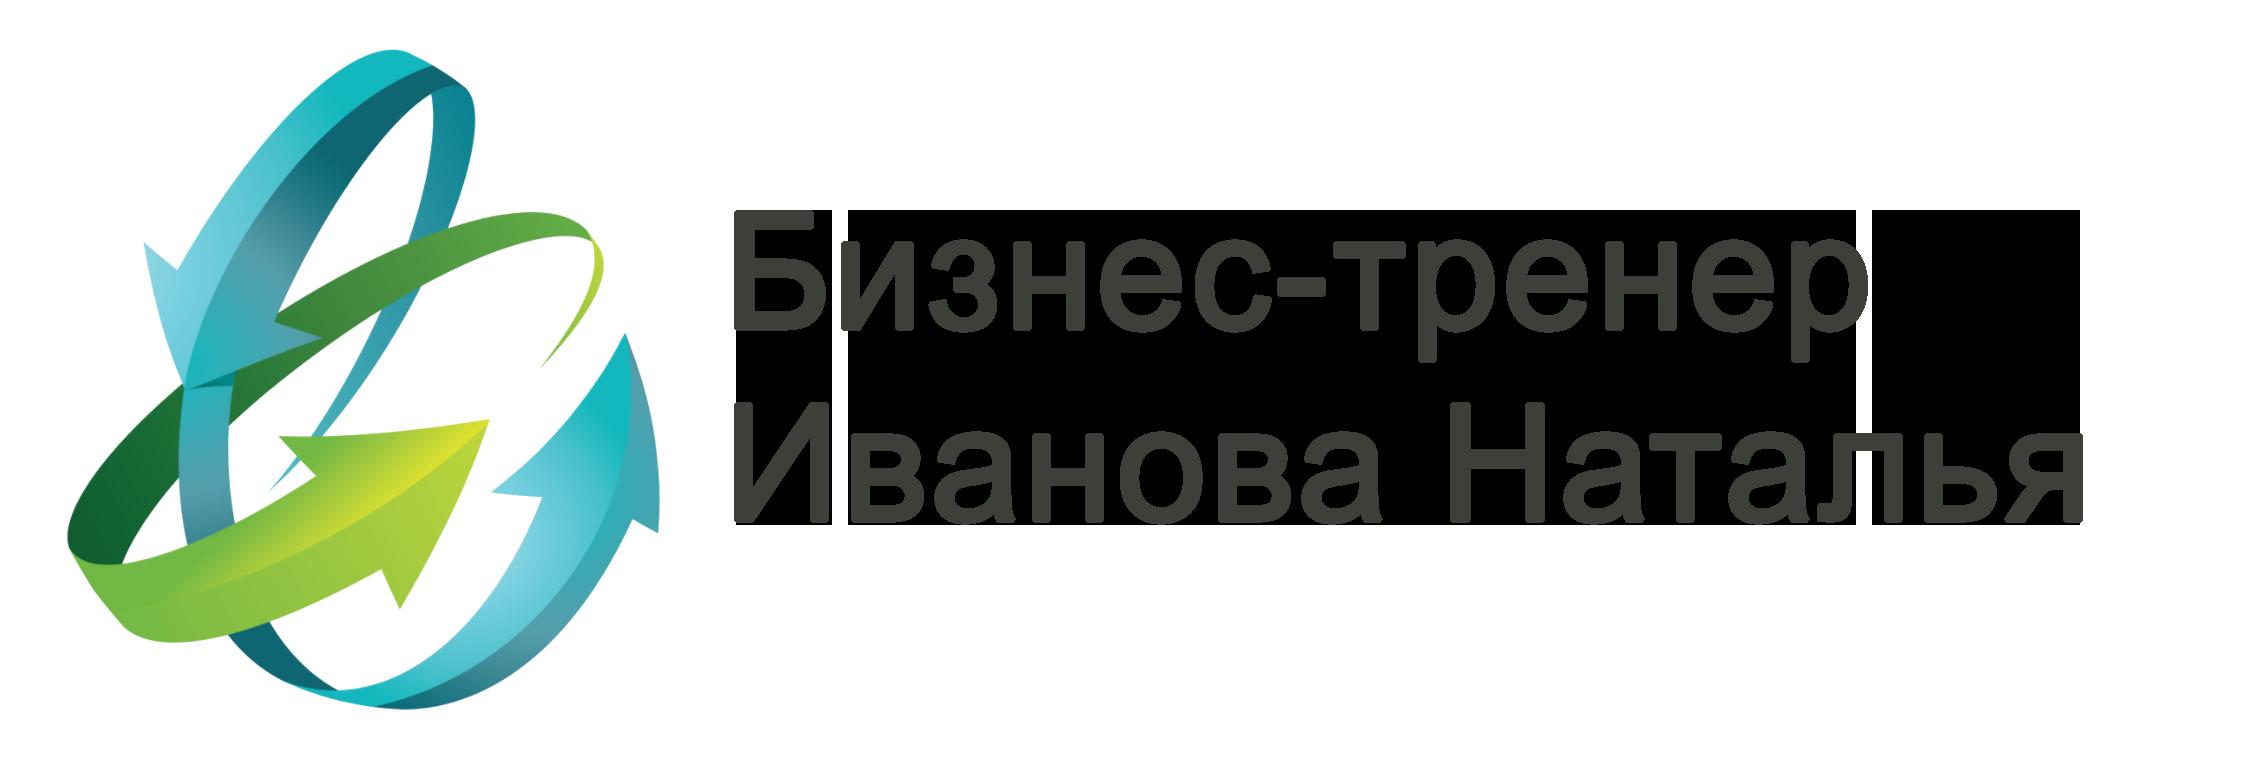 Бизнес-тренер Иванова Наталья